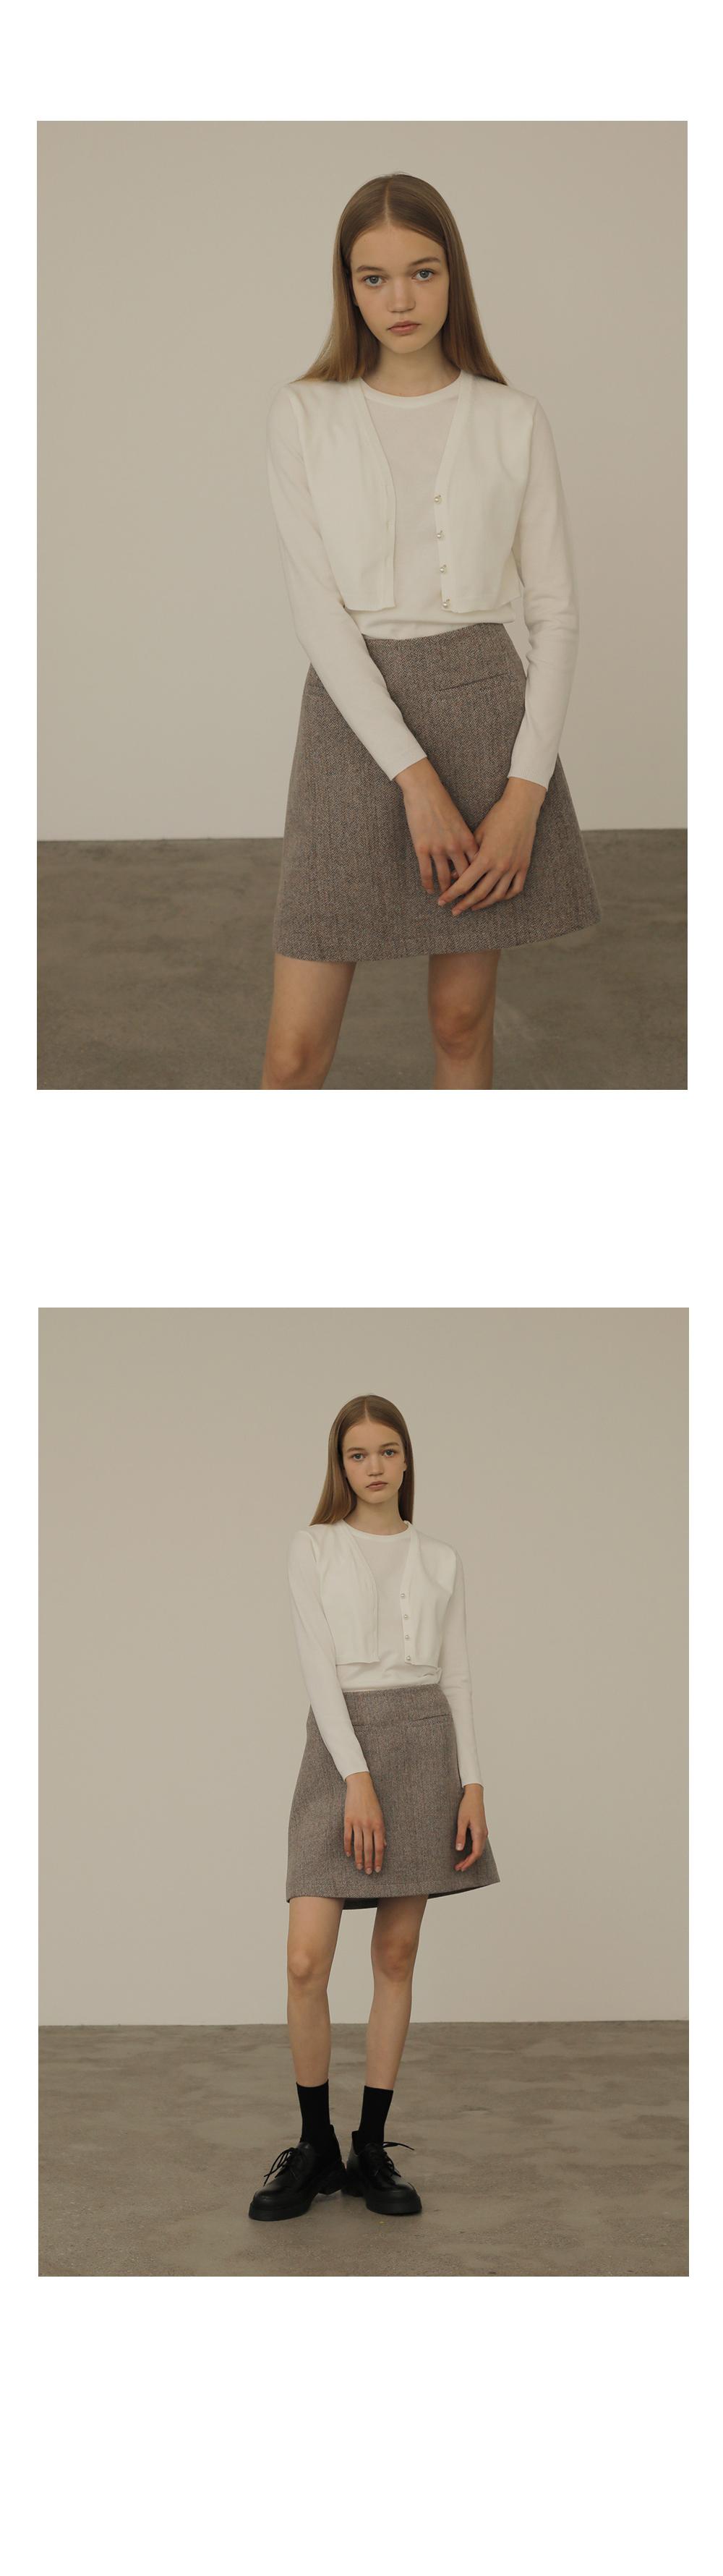 긴팔 티셔츠 모델 착용 이미지-S1L6